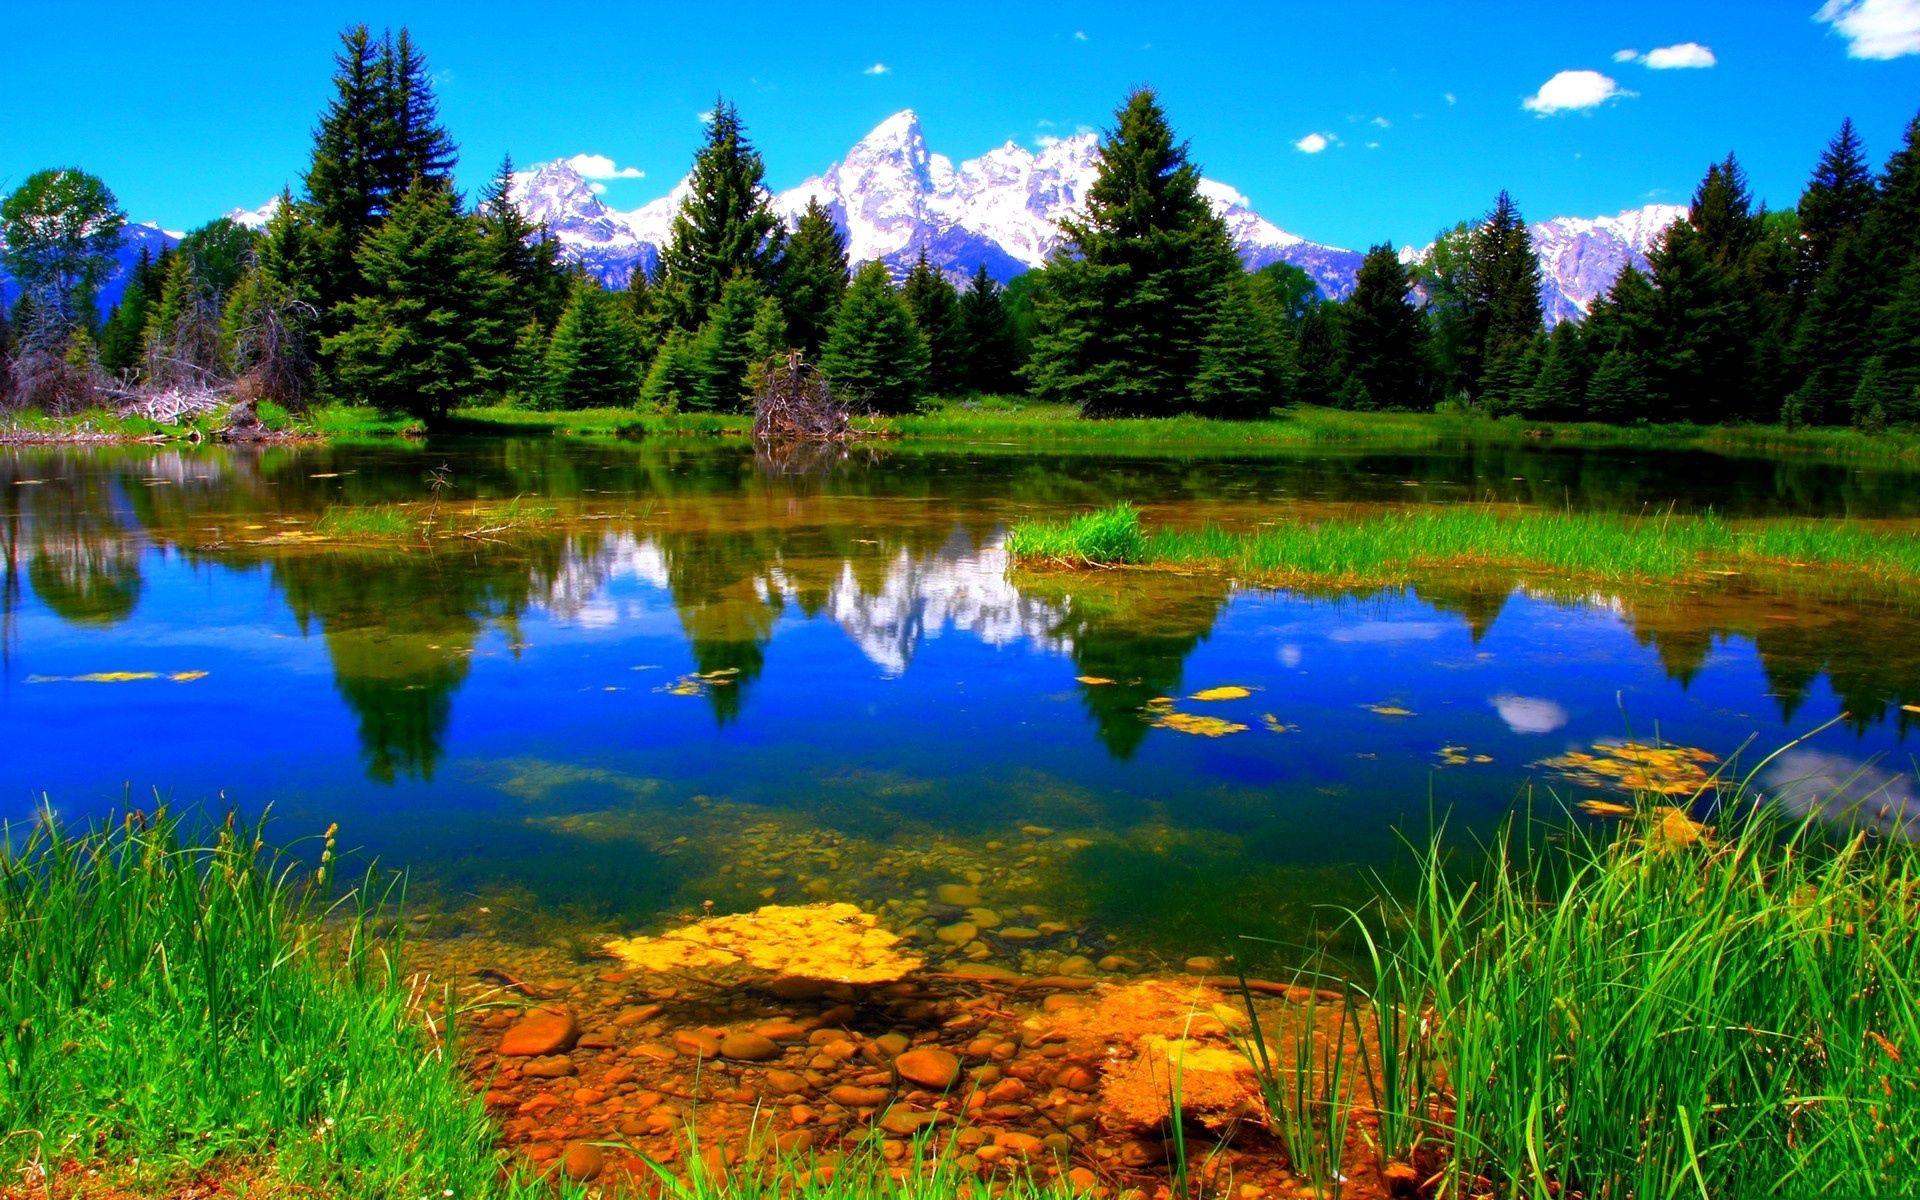 132857 скачать обои Пейзаж, Природа, Озеро, Растительность, Зеленый - заставки и картинки бесплатно